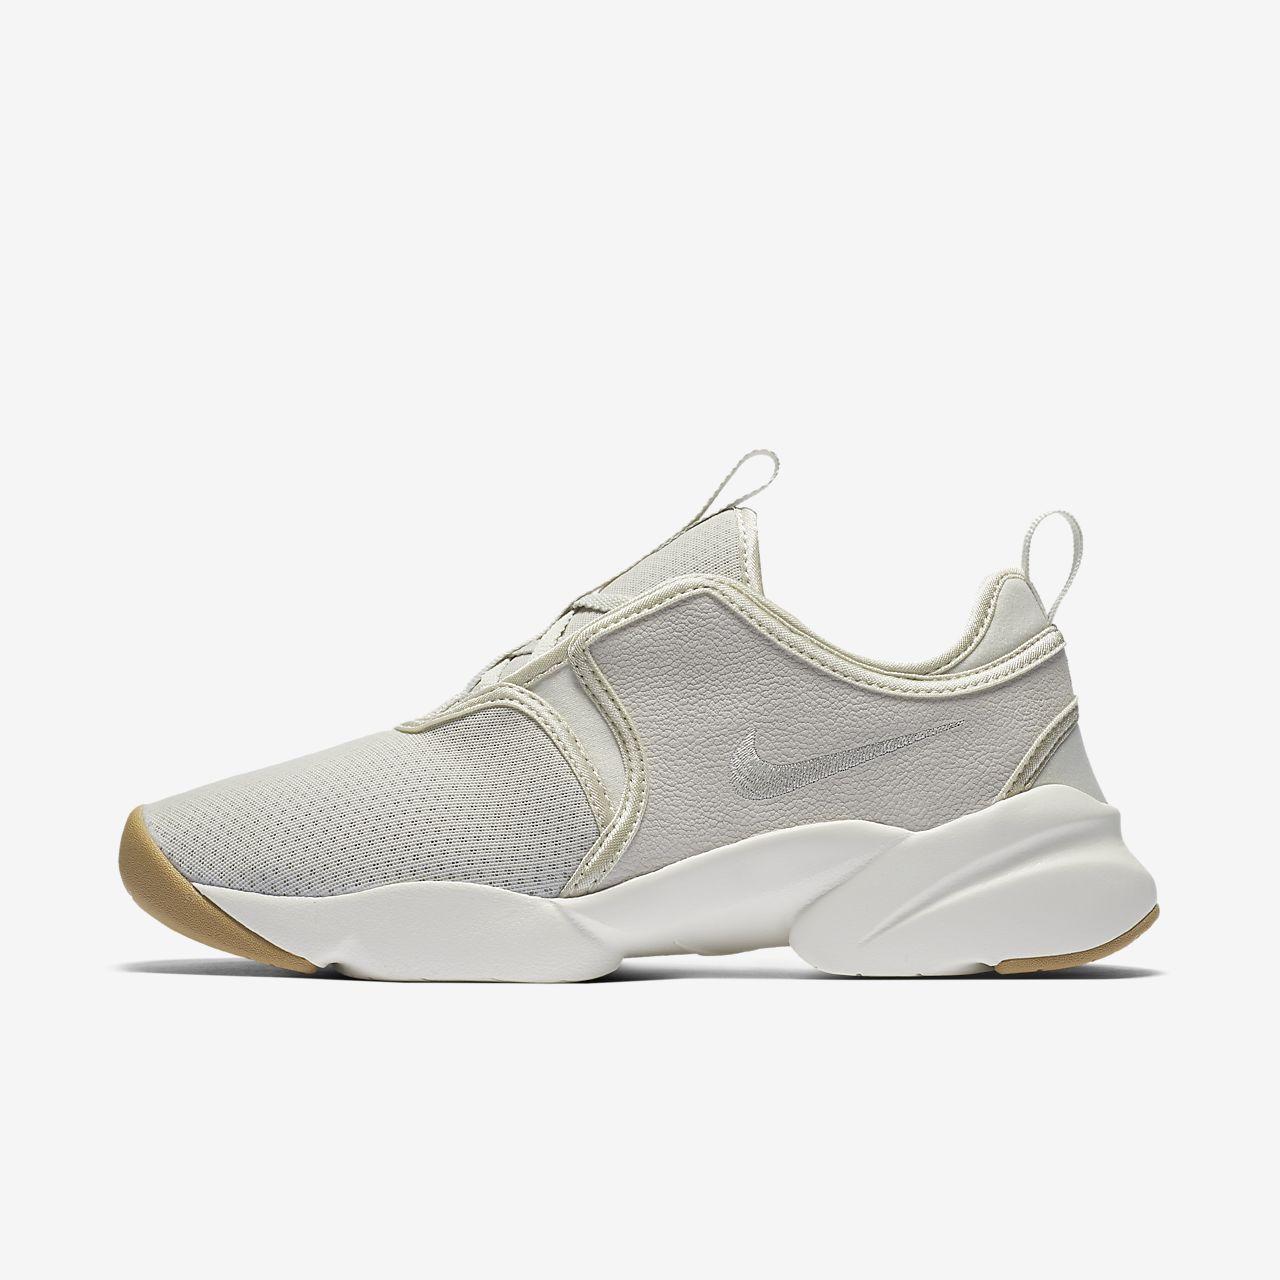 Chaussure Nike Loden Pinnacle Pinnacle Loden Pour Fr b60abe